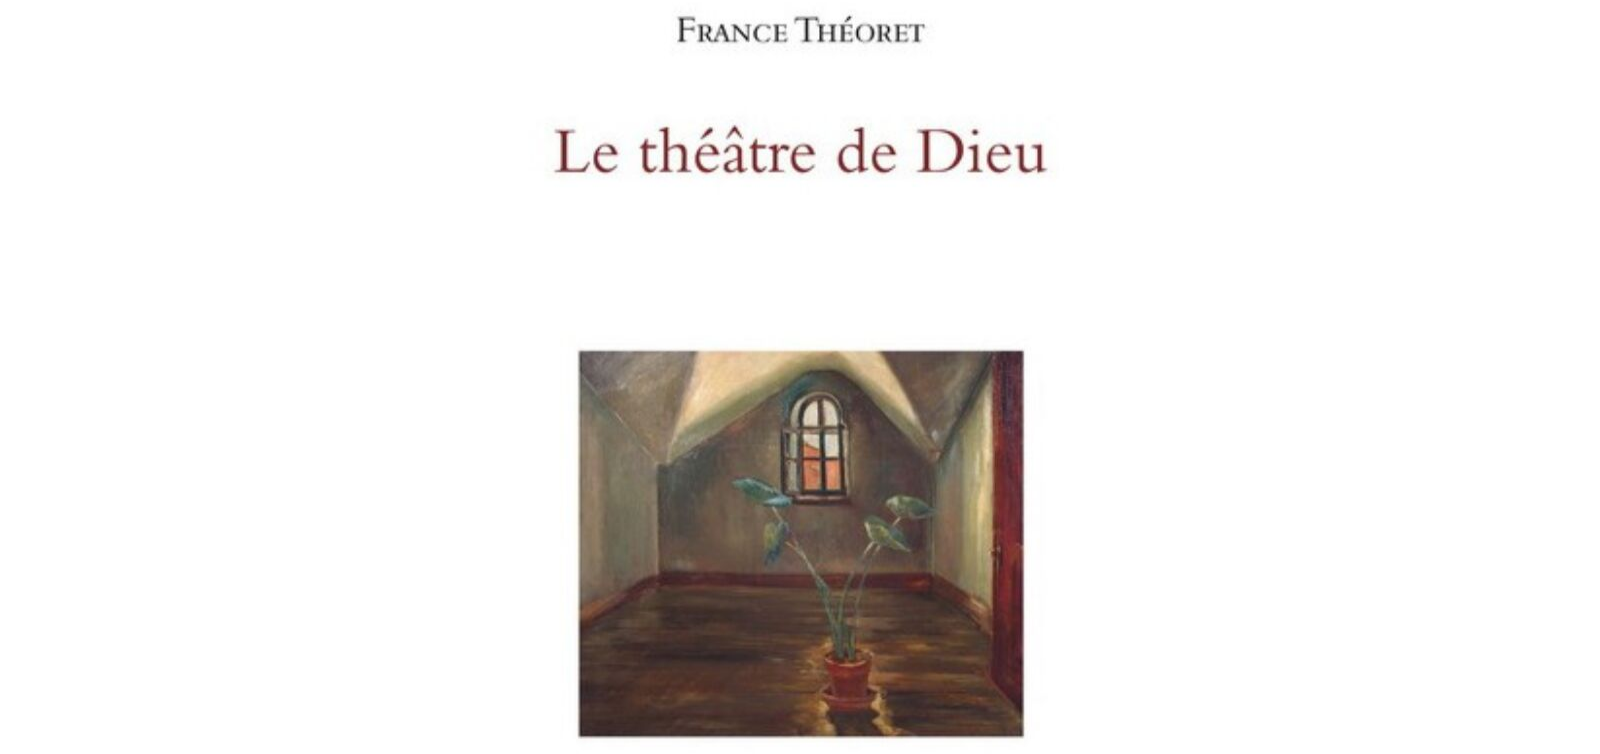 Le théâtre de Dieu de France Théoret est un roman au titre évocateur. Il s'agit d'une exploration de la foi à une époque où la religion catholique était omniprésente dans tous les aspects de la vie québécoise. Avis lecture sur lilitherature.com.